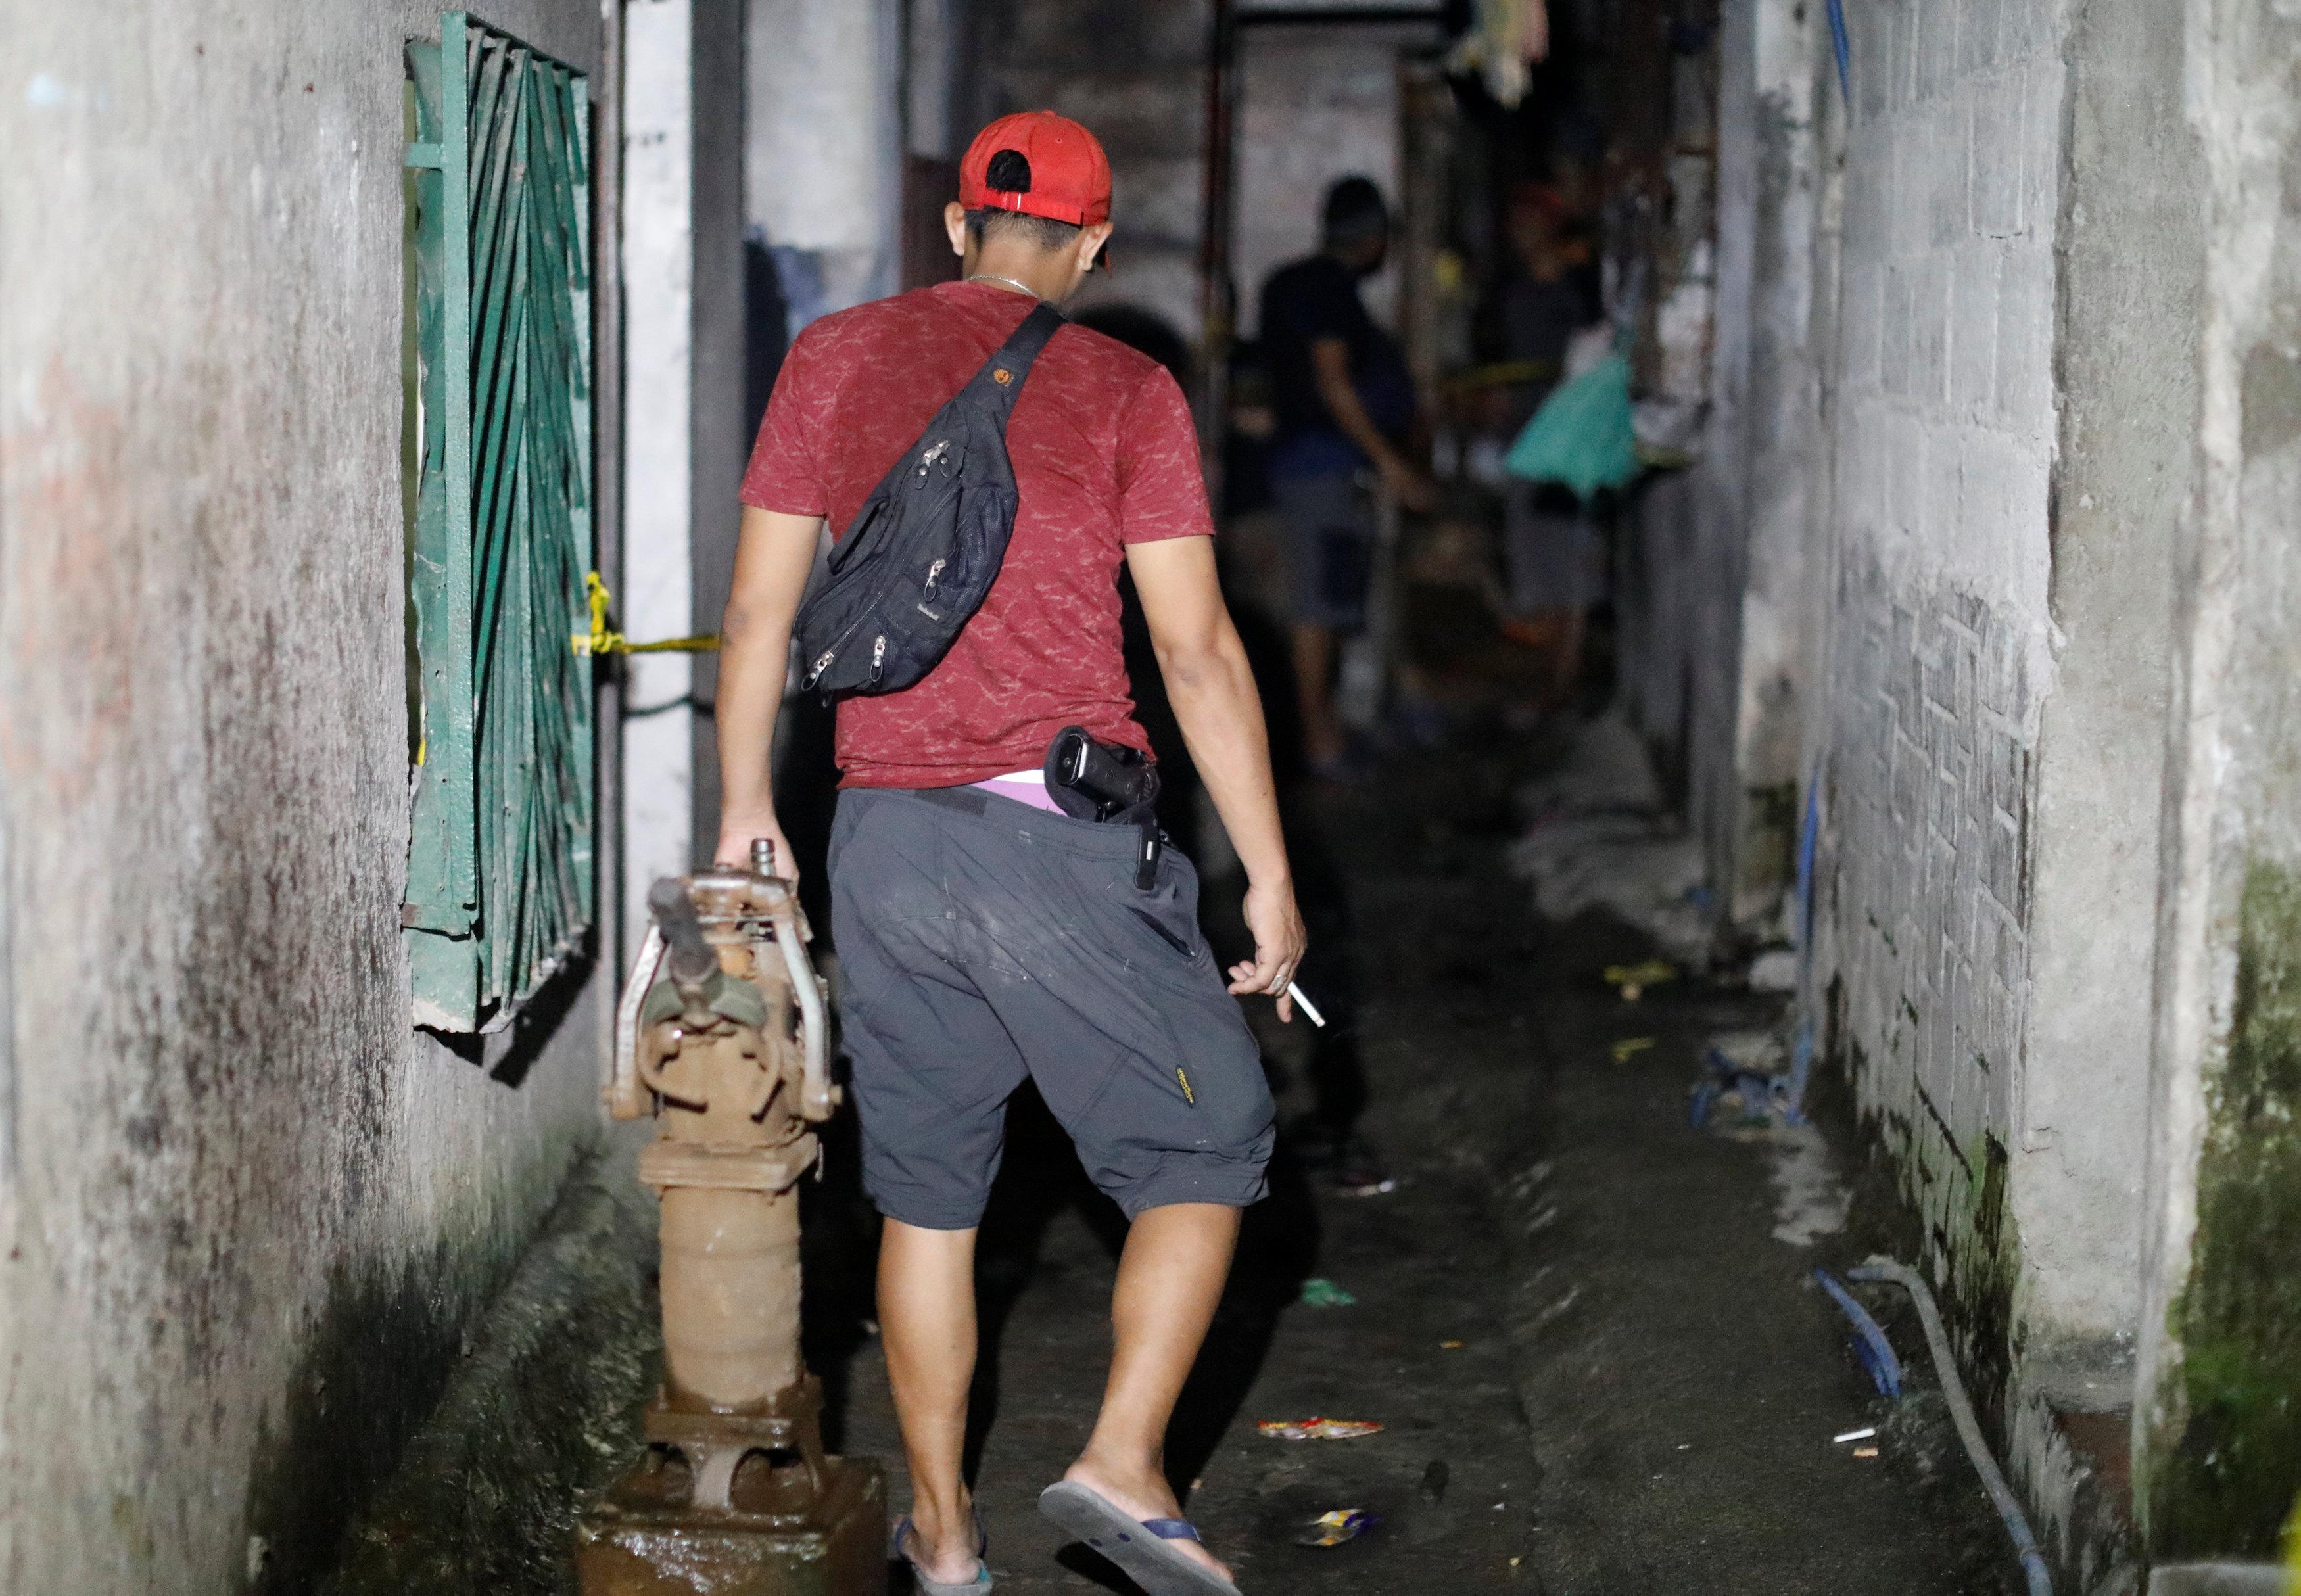 أحد أفراد الشرطة الفلبينية بزى مدنى يسير وسط البيت